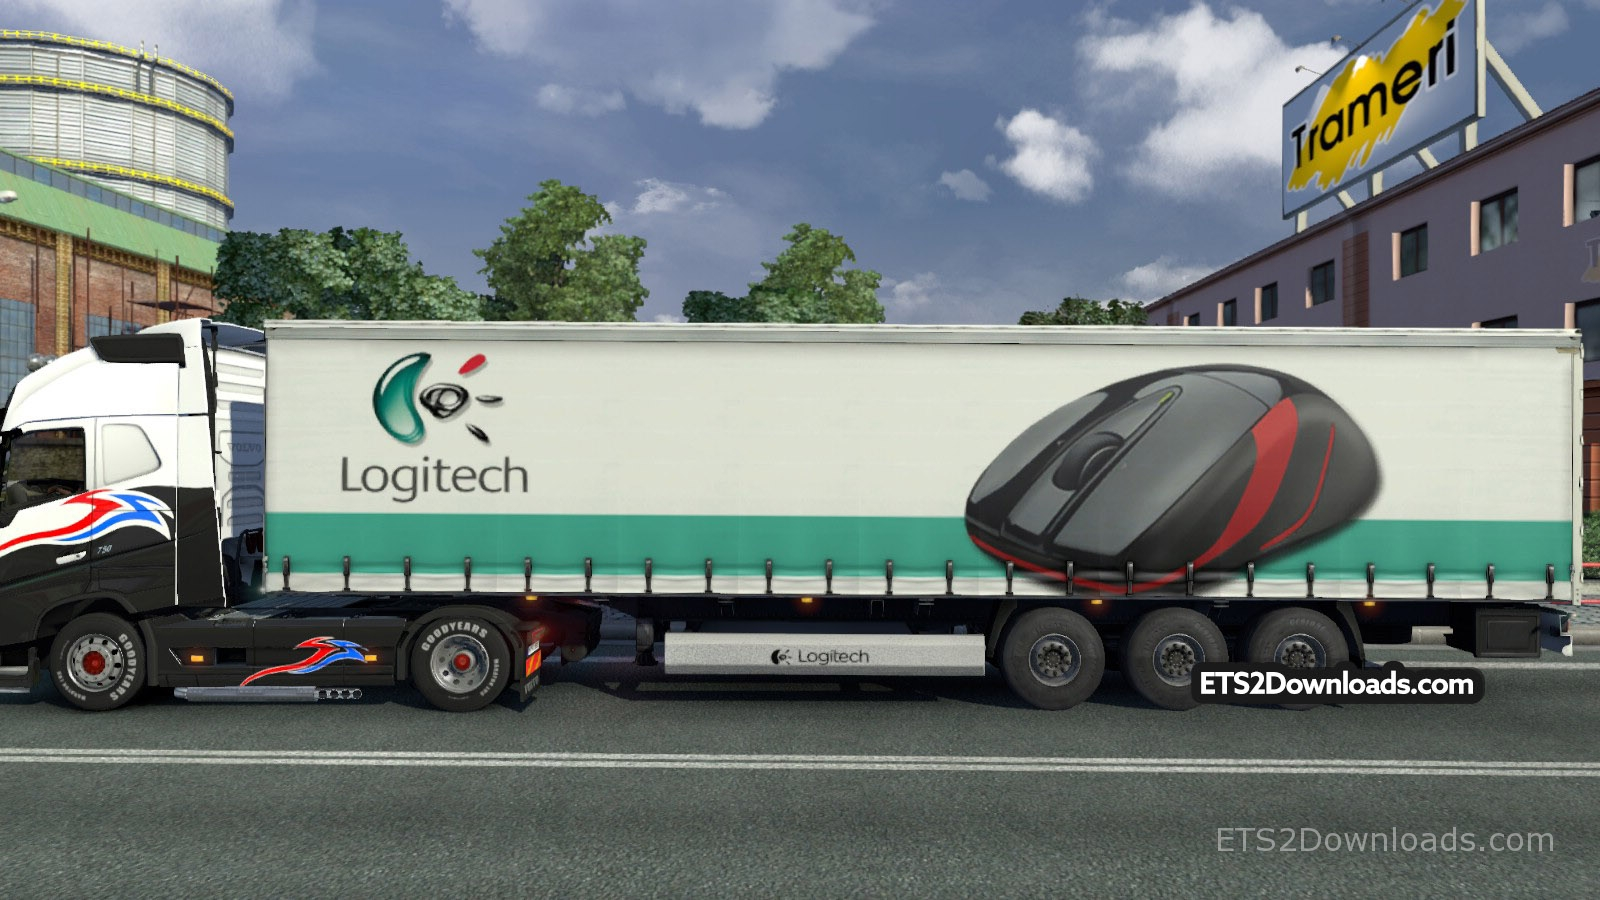 logitech-trailer-1